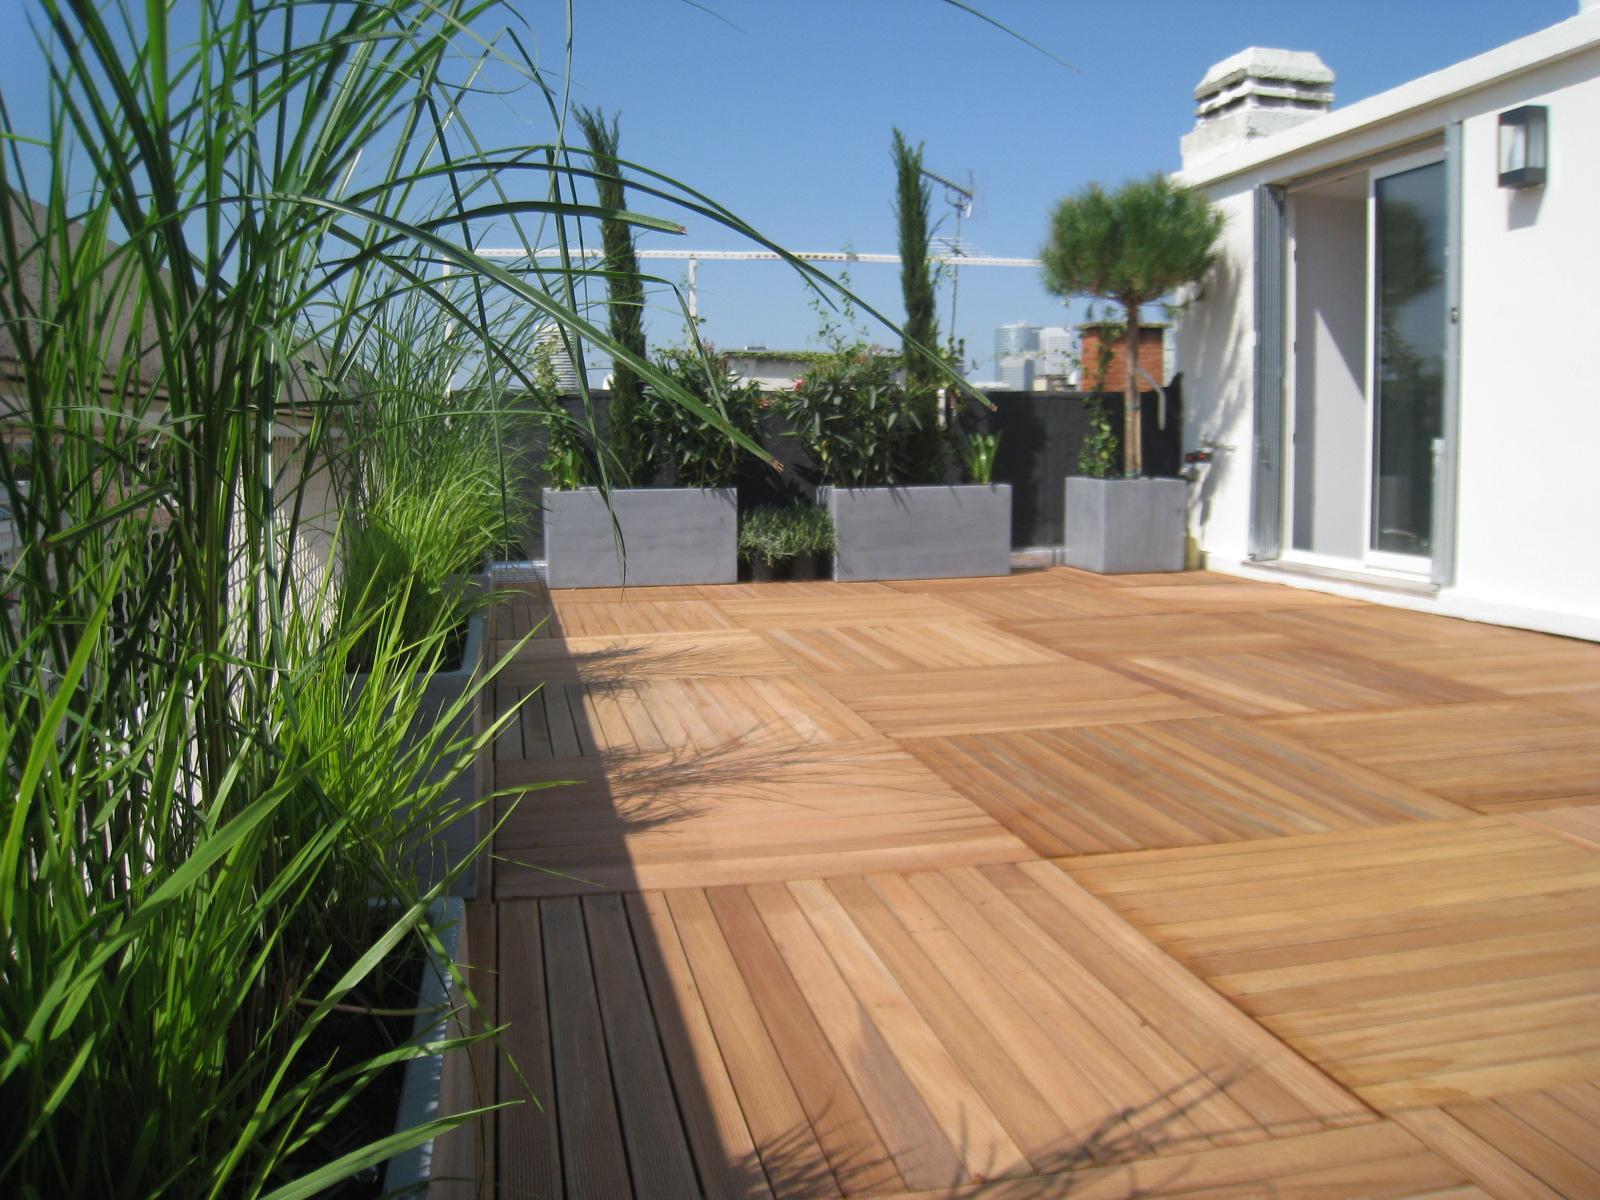 Aménagement Terrasse Appartement Amenagement D Exterieur Jardinier Paysagiste Corse Paca